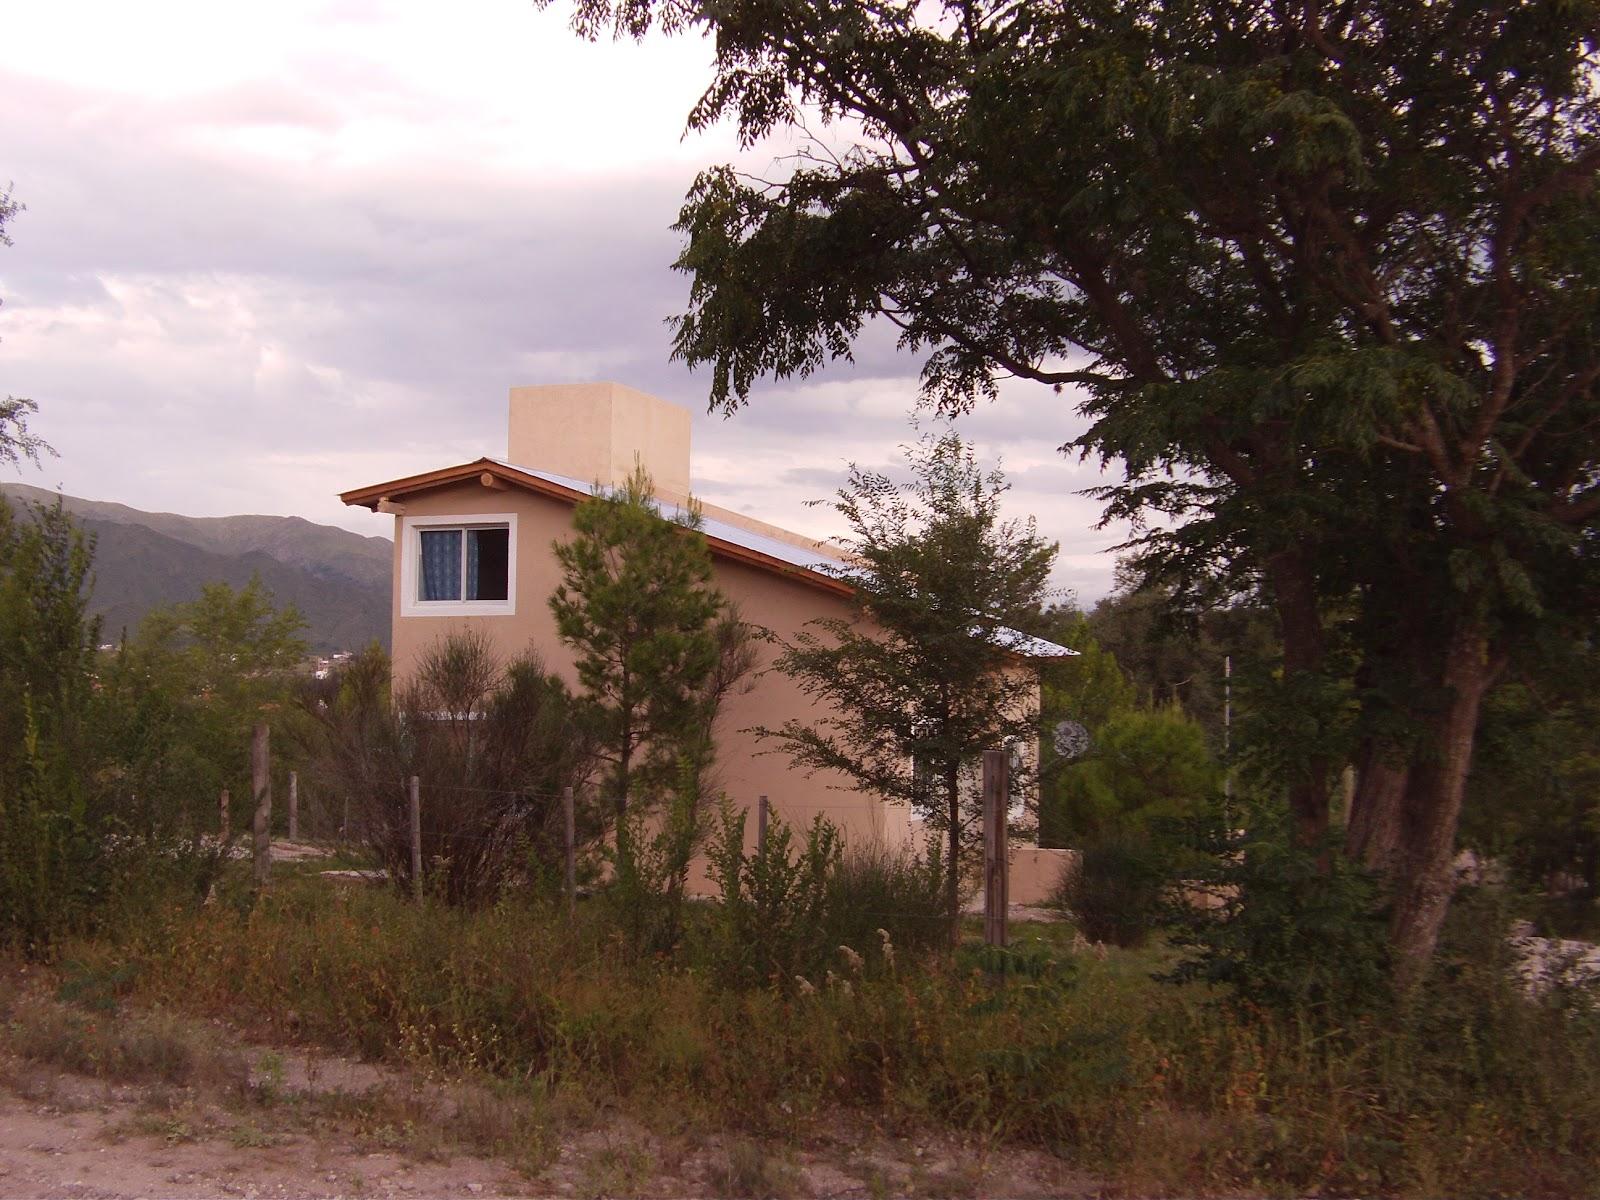 Casas y terrenos en san marcos sierras dos duplex nuevos for Terrenos en villa giardino